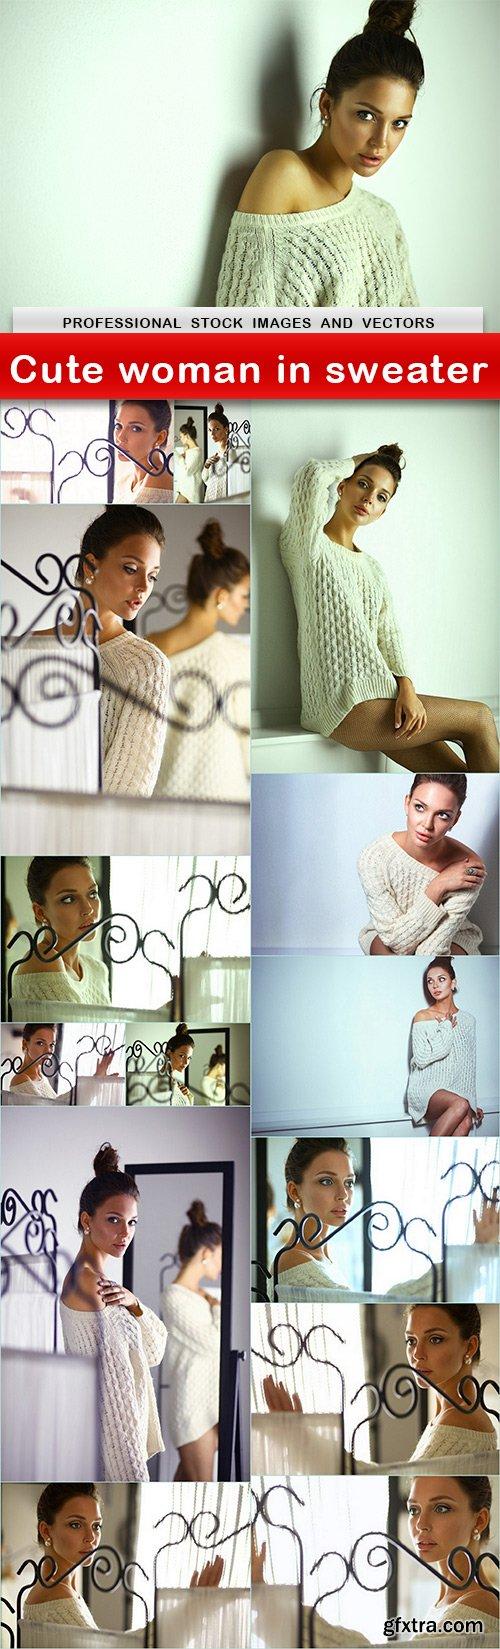 Cute woman in sweater - 15 UHQ JPEG